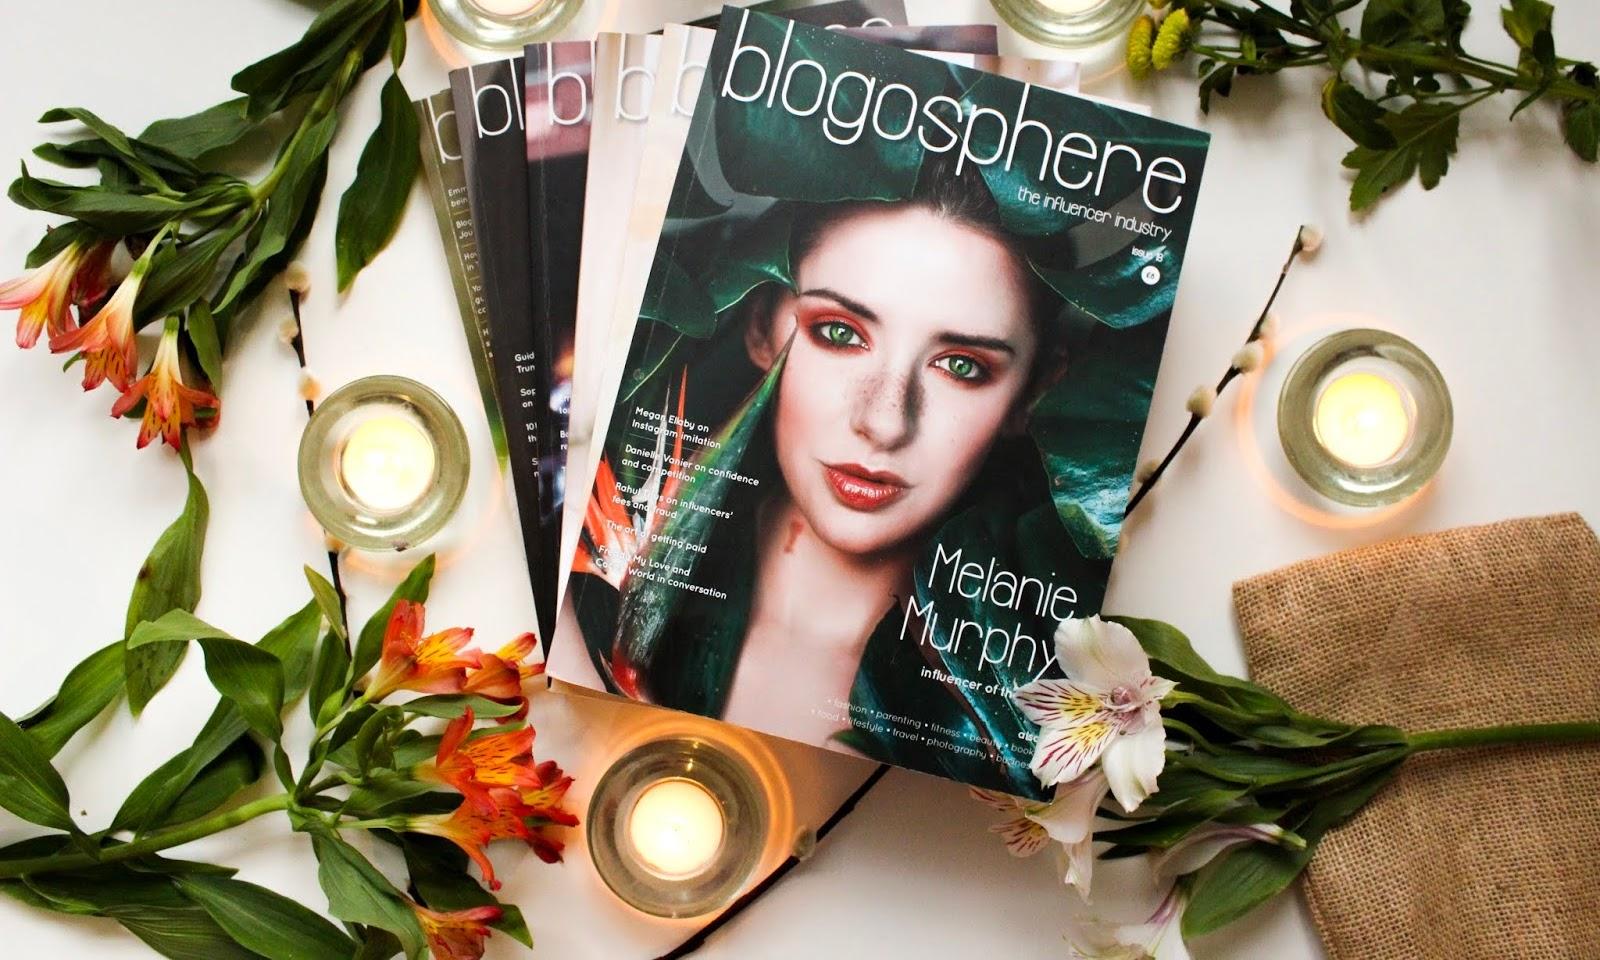 The Blogosphere Network